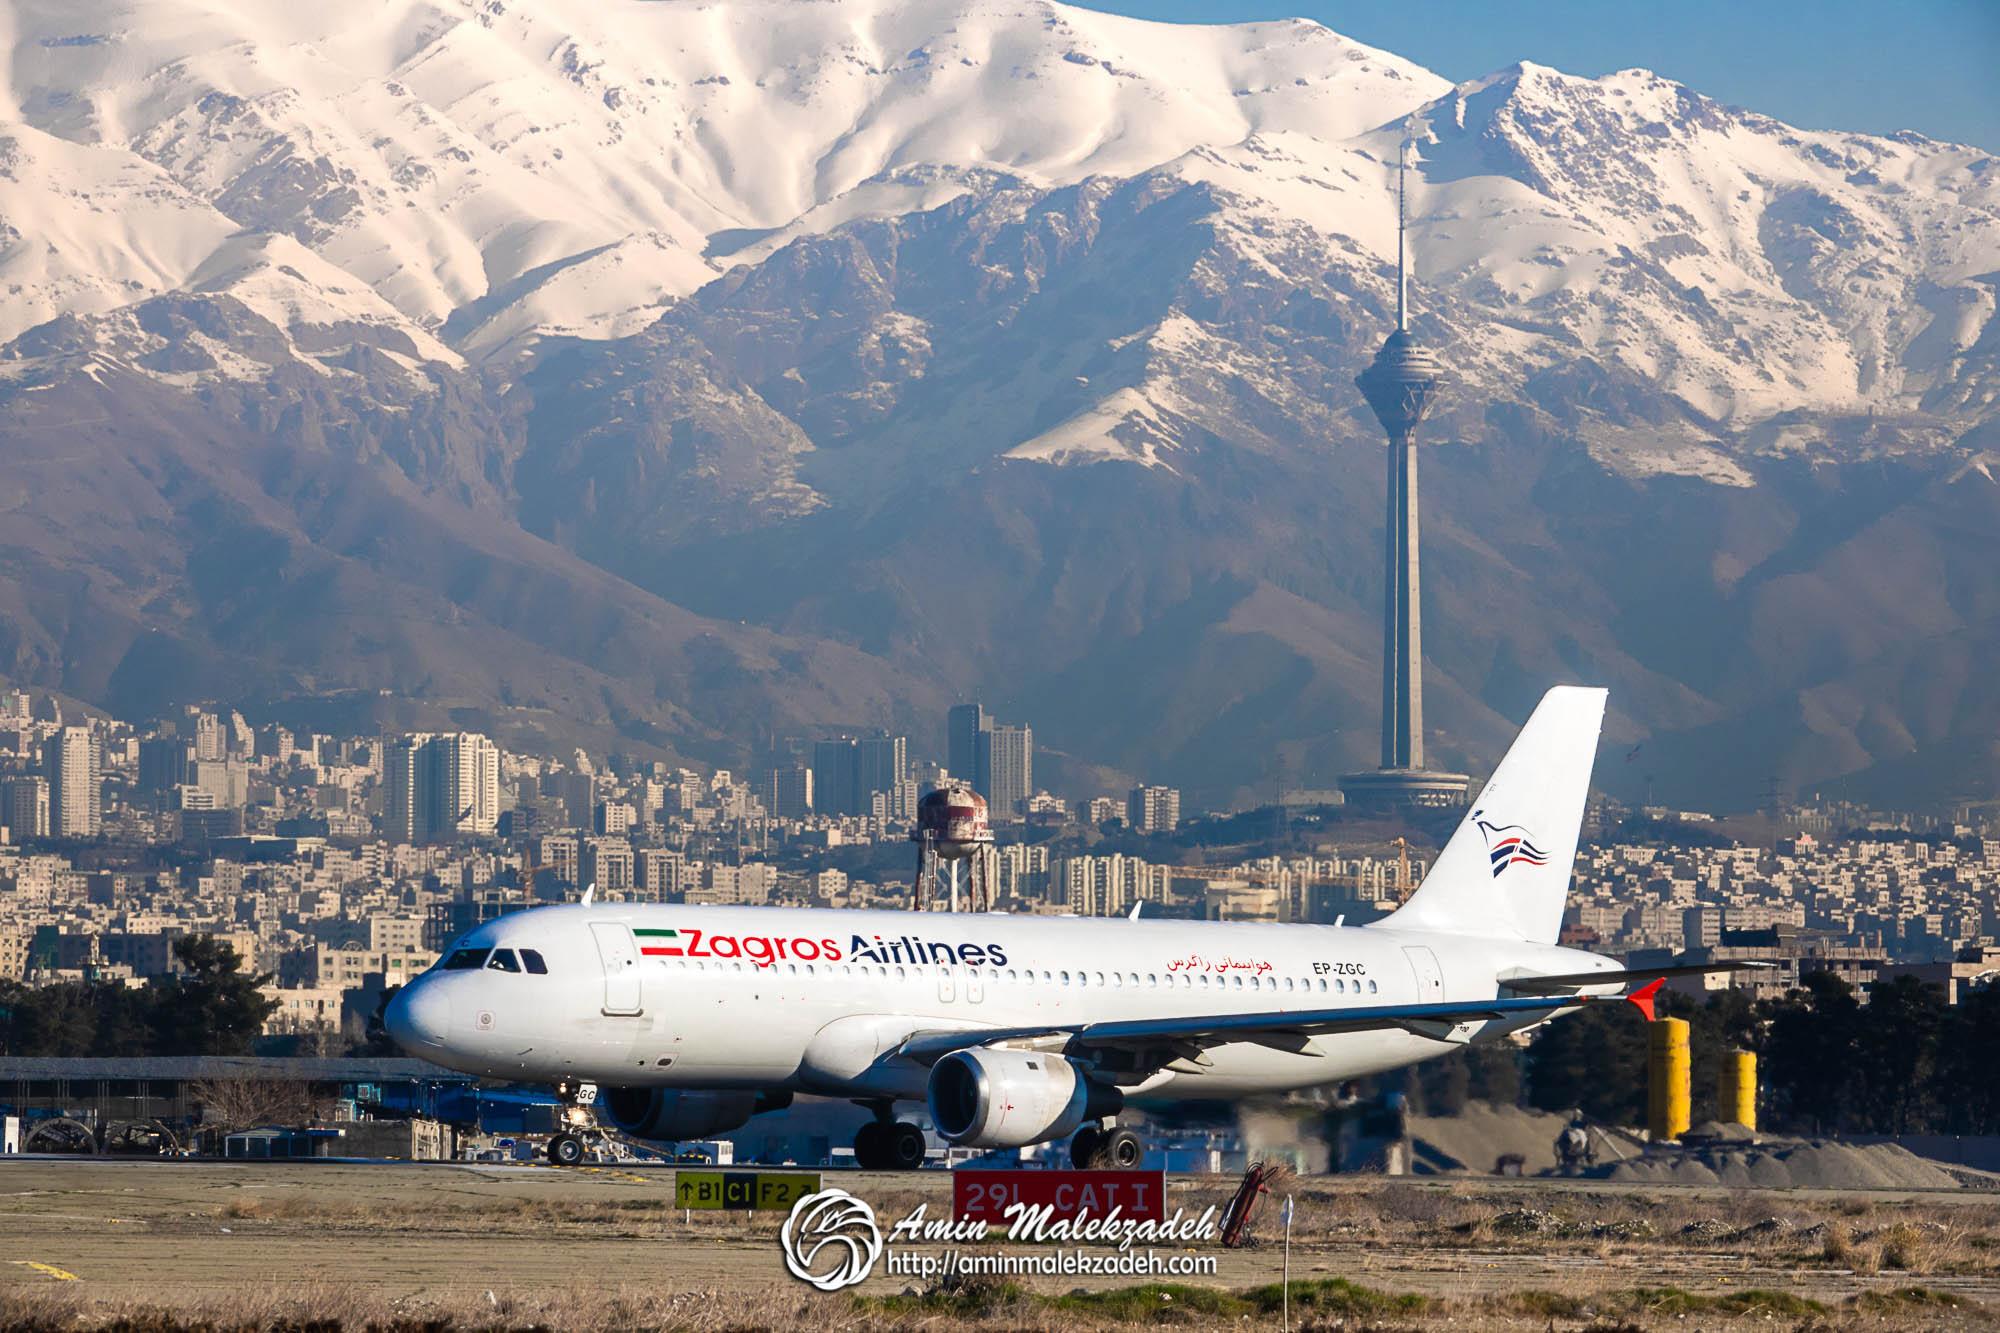 آشنایی با سازمان هواپیمایی کشوری